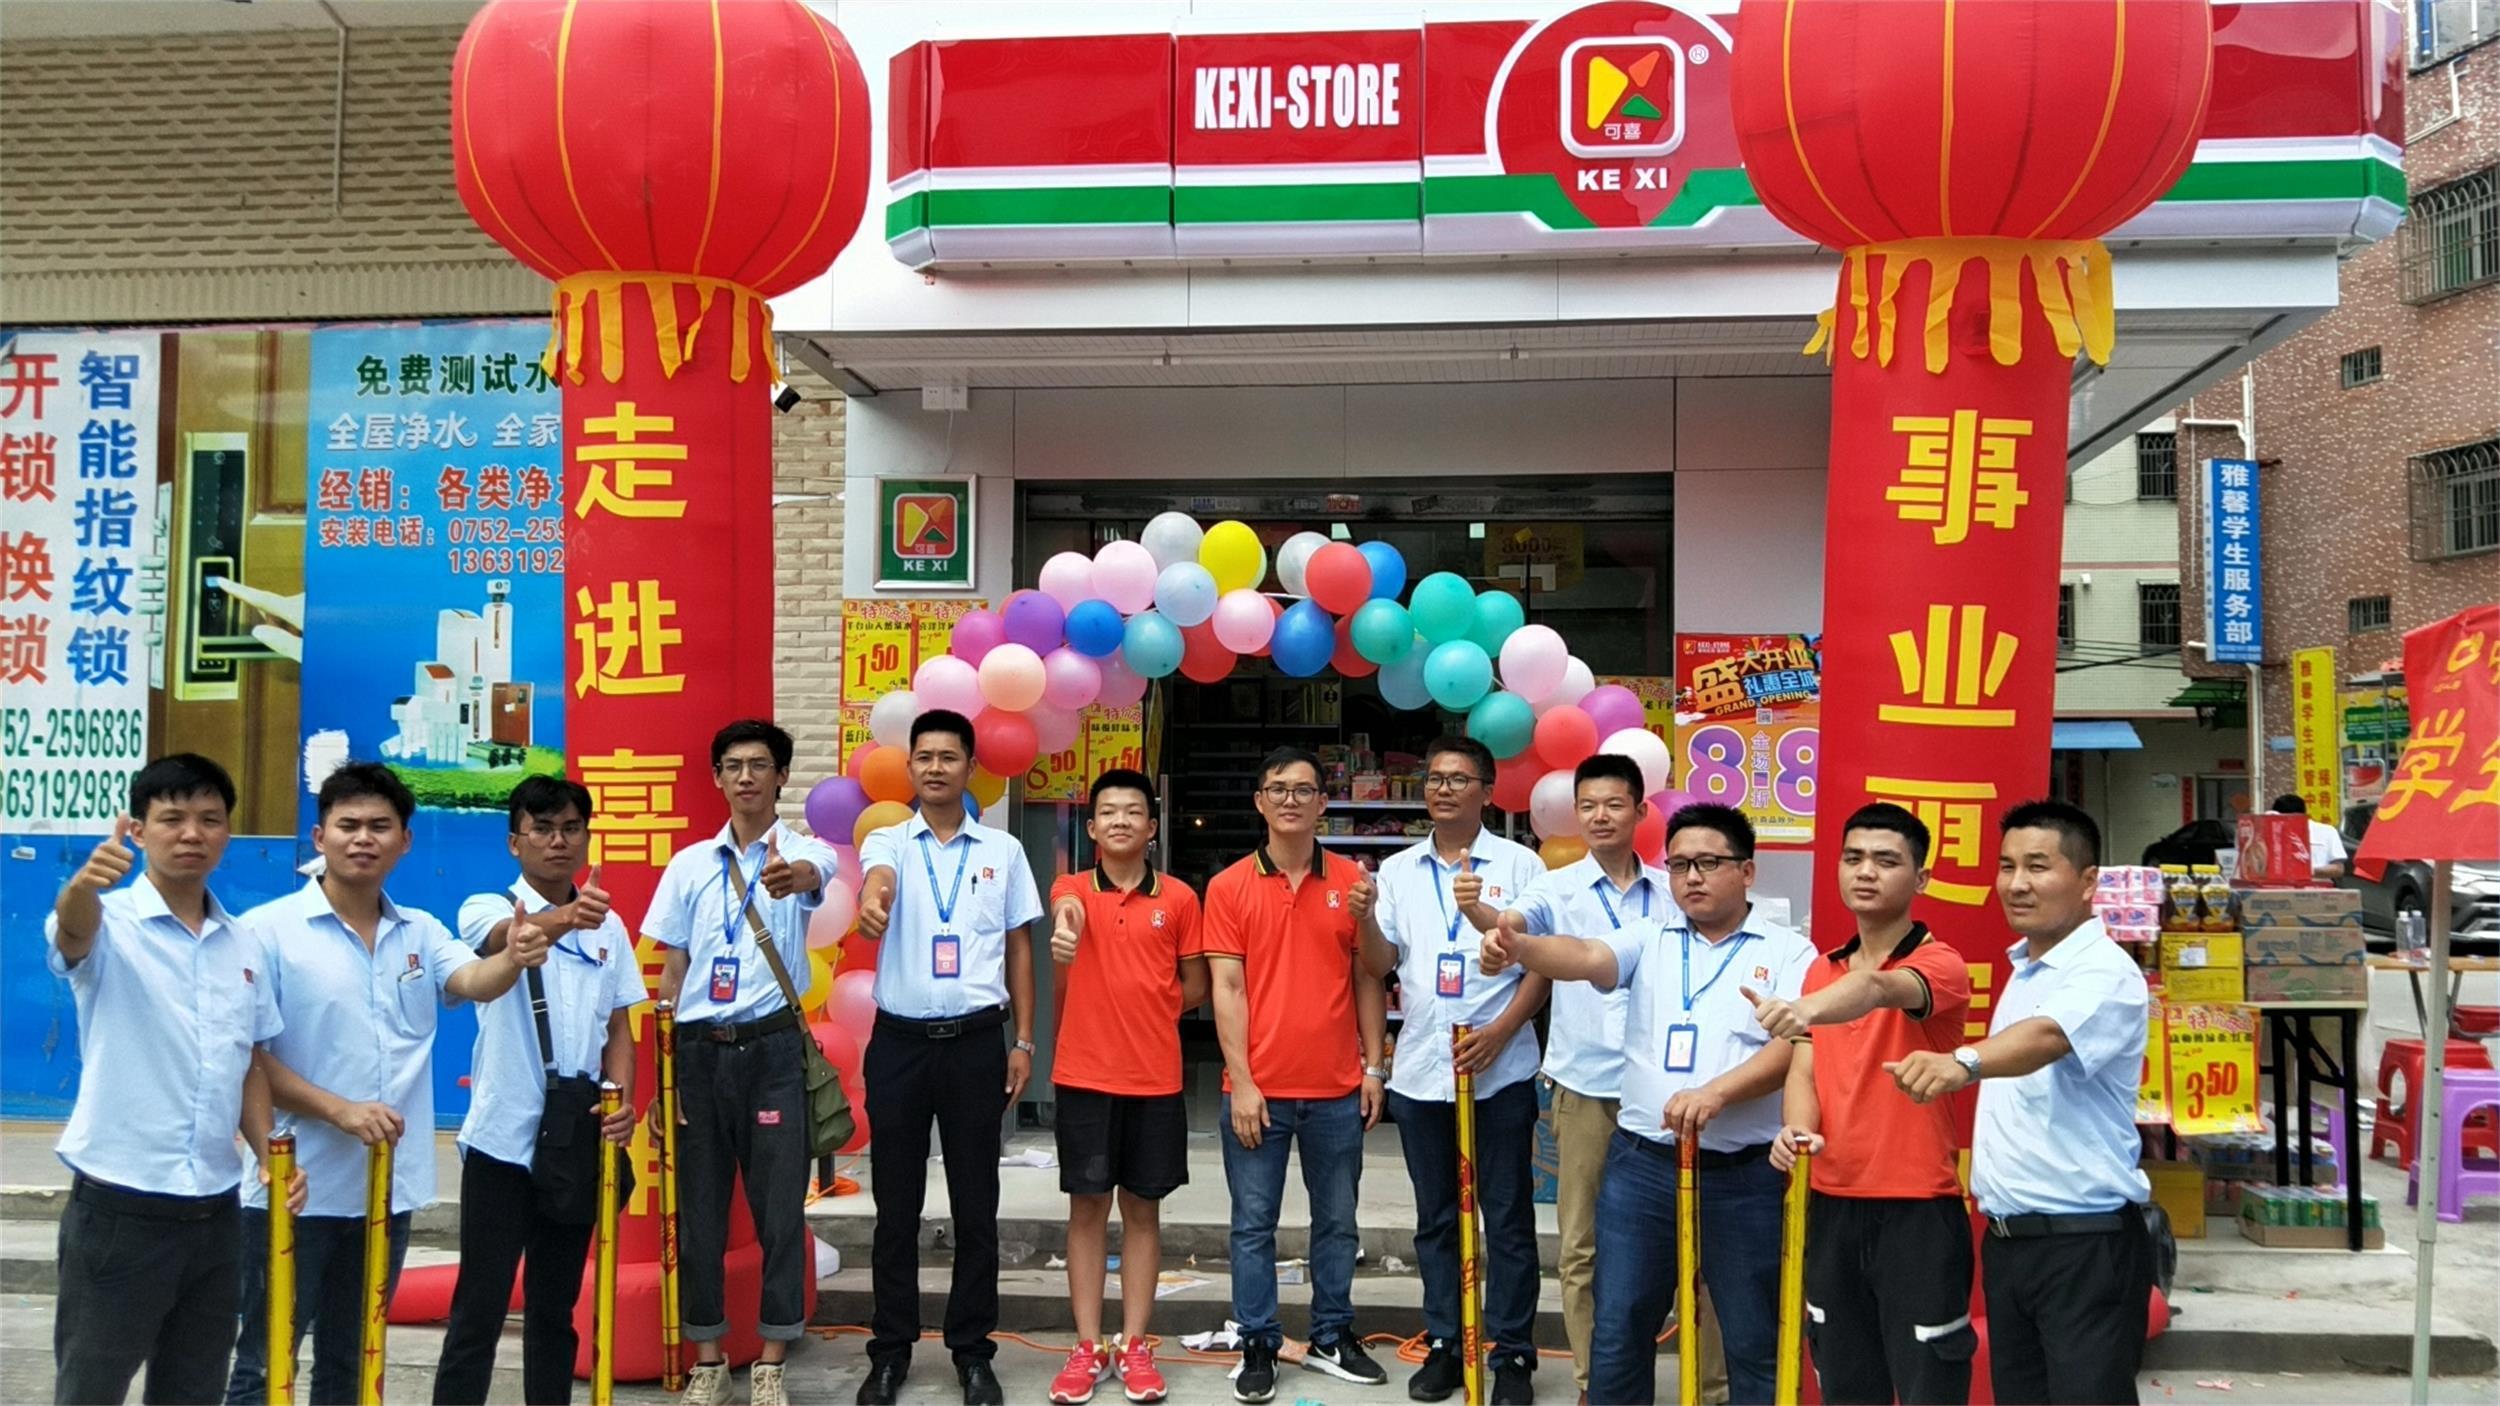 热烈庆祝喜洋洋便利店惠城三栋小学一分店8月31日盛大开业